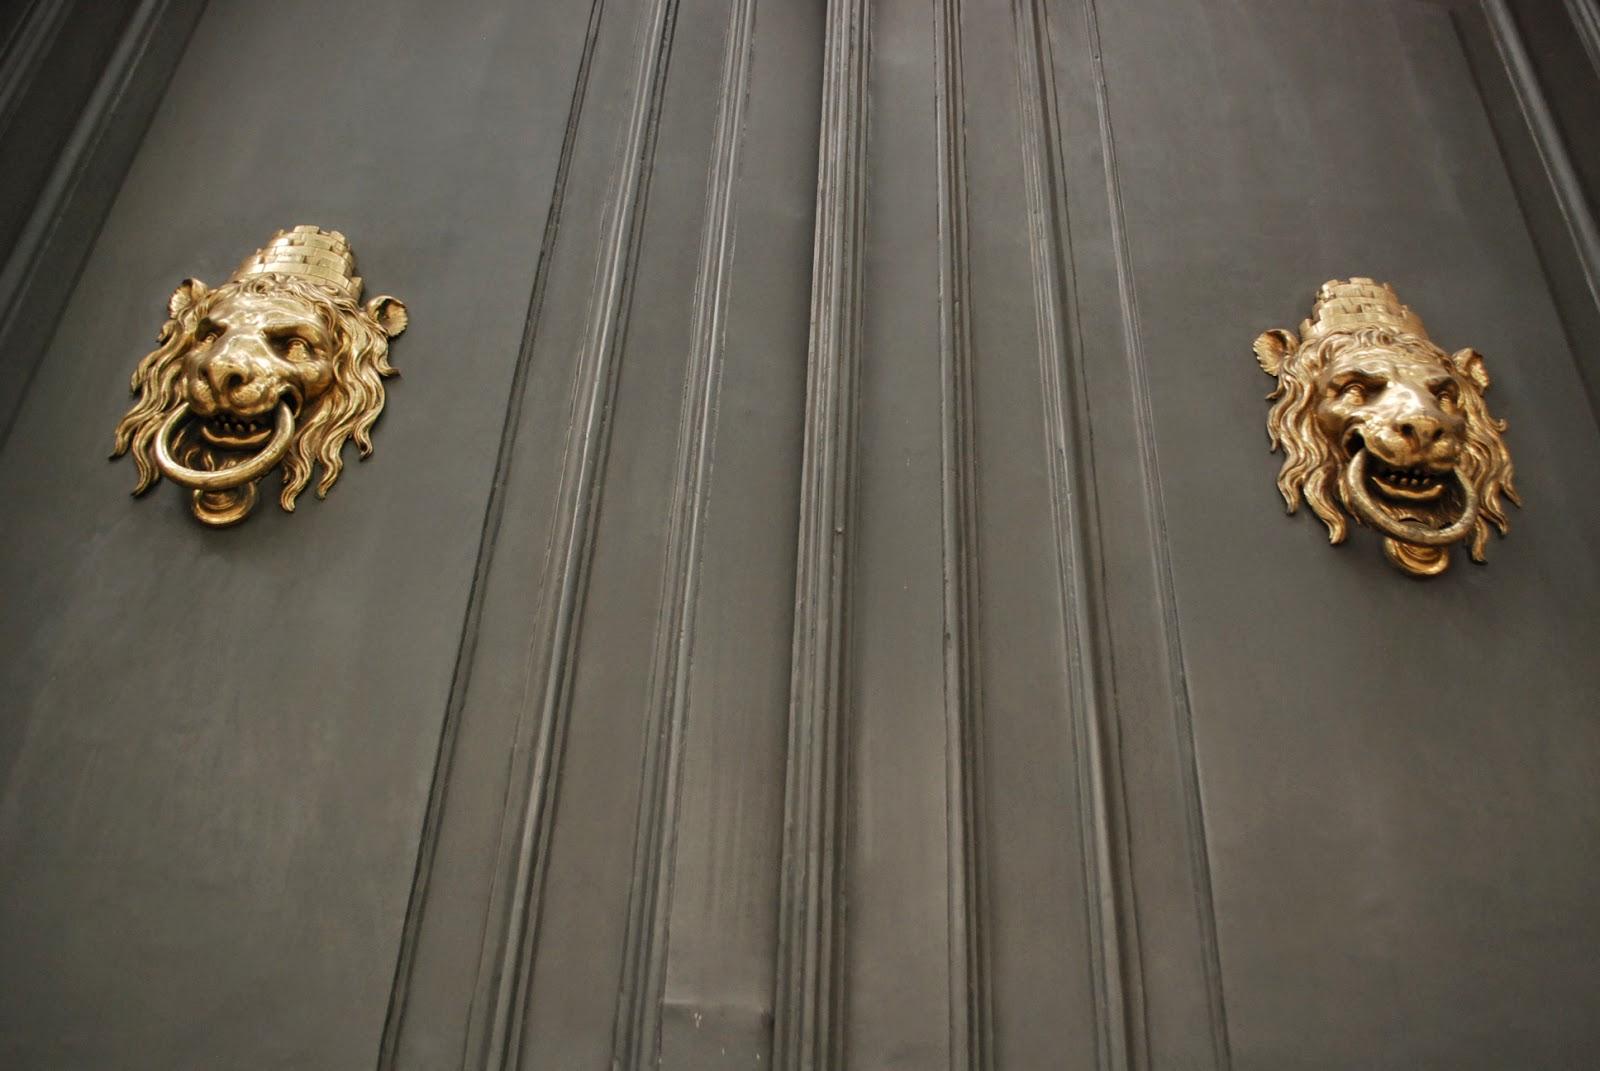 Старые дверные молотки в Барселоне, Каталония, Испания. Barcelona, Catalonia, Spain